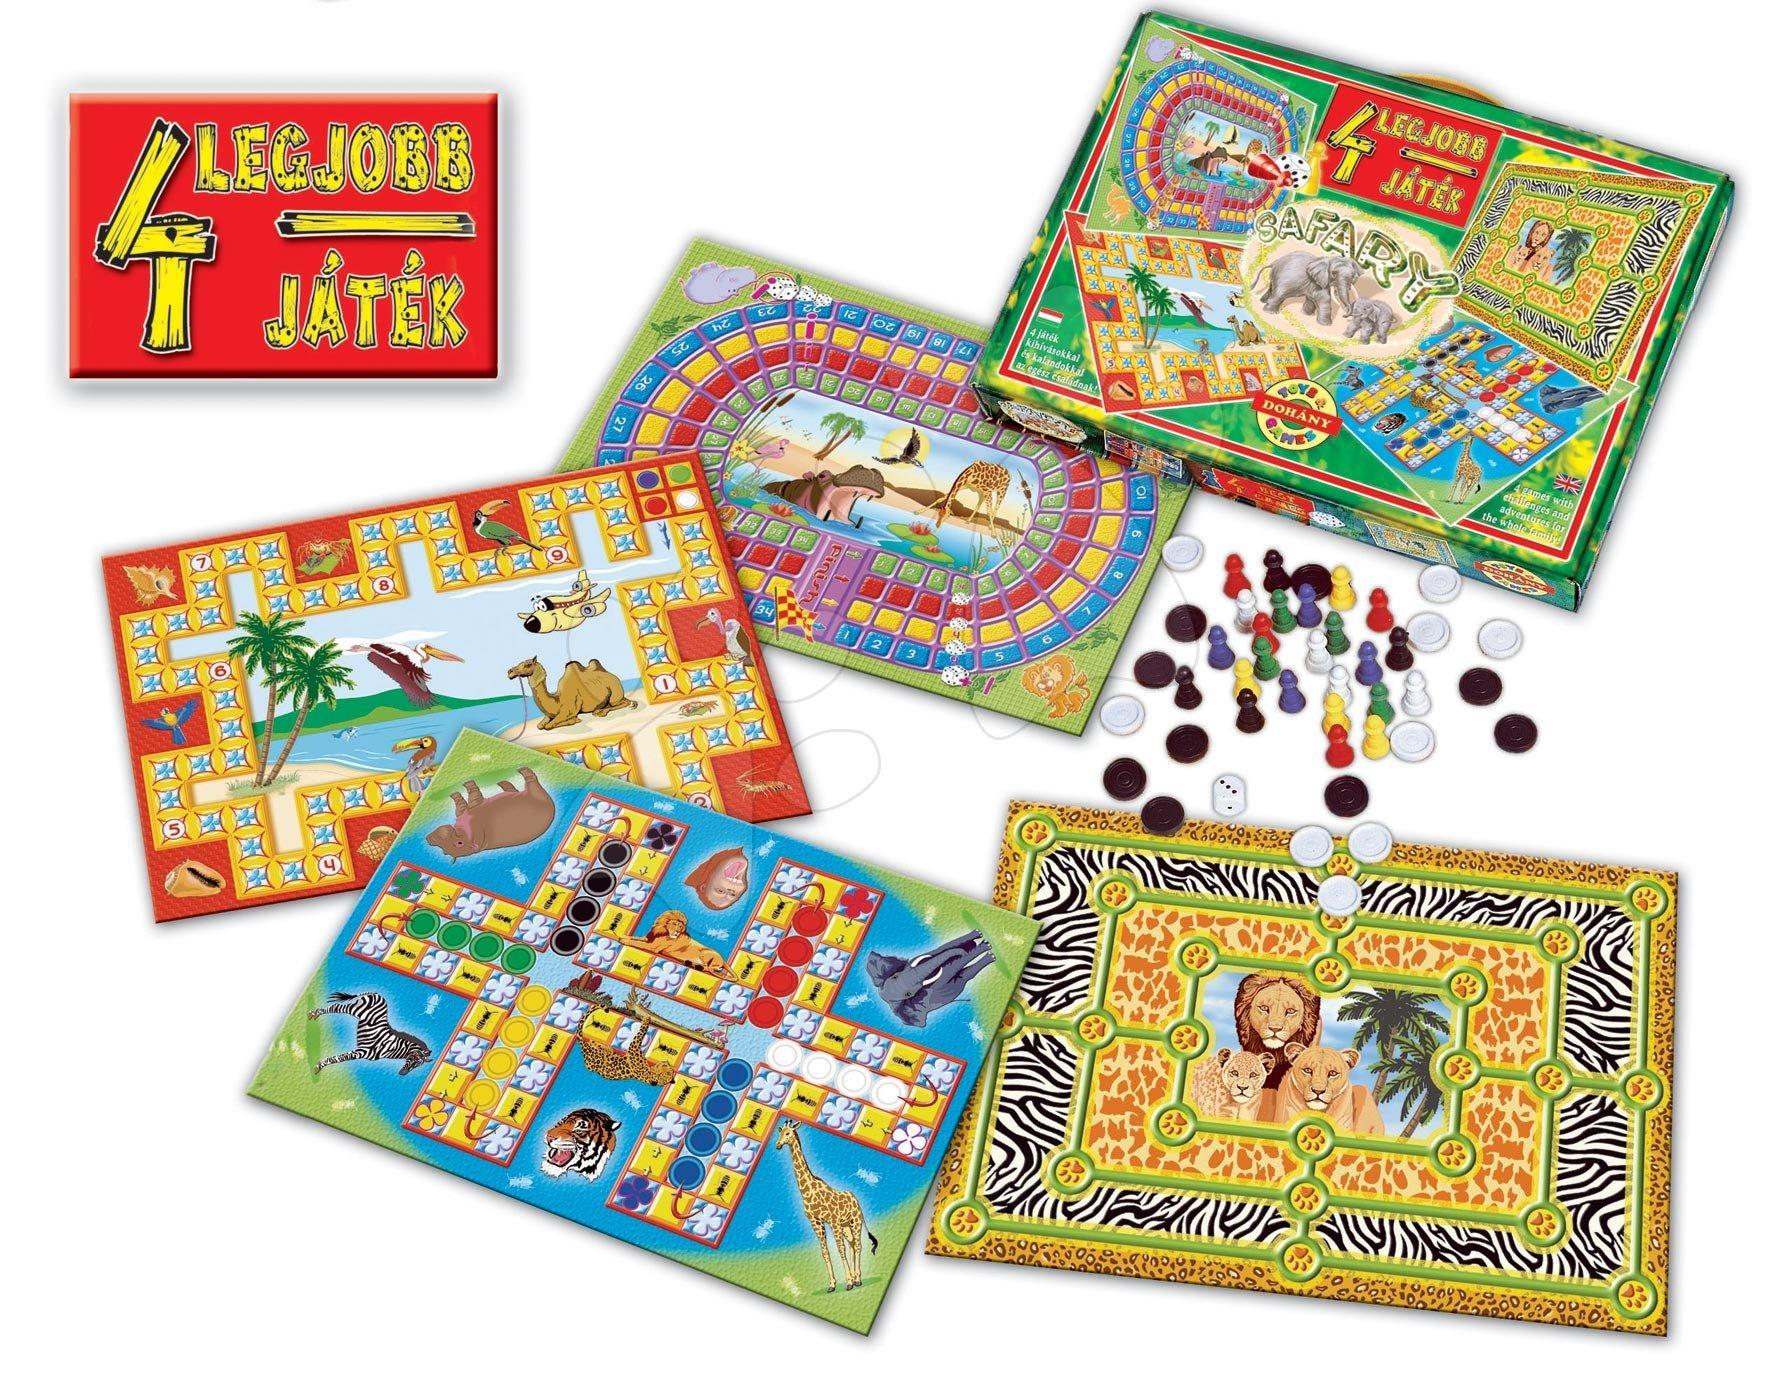 Komplet družabnih iger Safari živali 4v1 Dohány